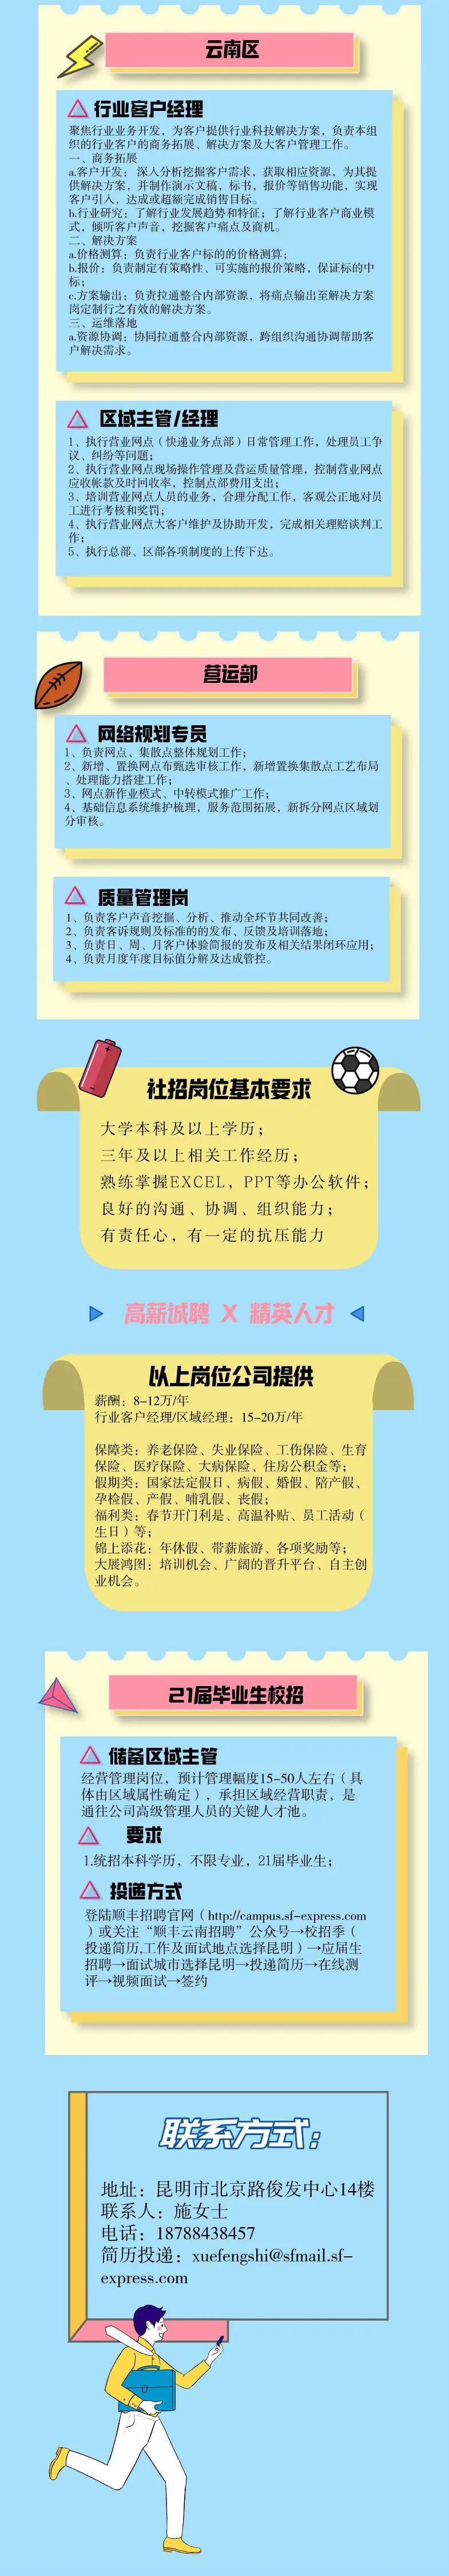 云南顺丰速运有限公司2021年社招 校招公告 年薪8万起!六险一金! 私营|民企 第2张